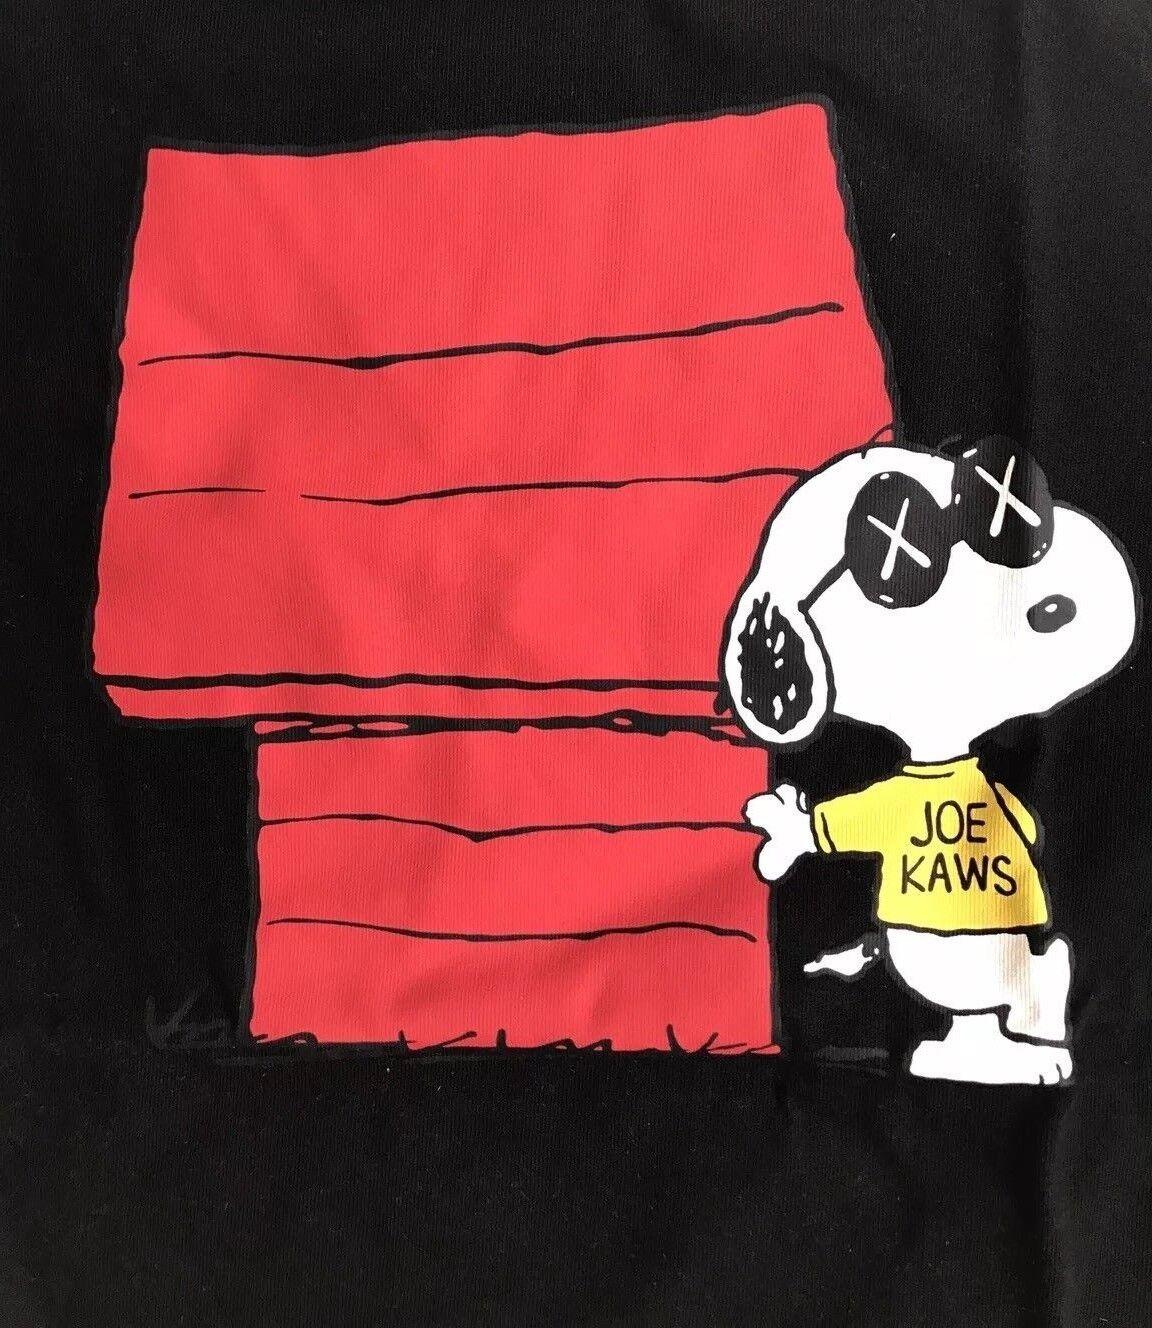 KAWS x Peanuts x UNIQLO 'Snoopy Joe KAWS Doghouse' Graphic Art T-Shirt M Blk NWT